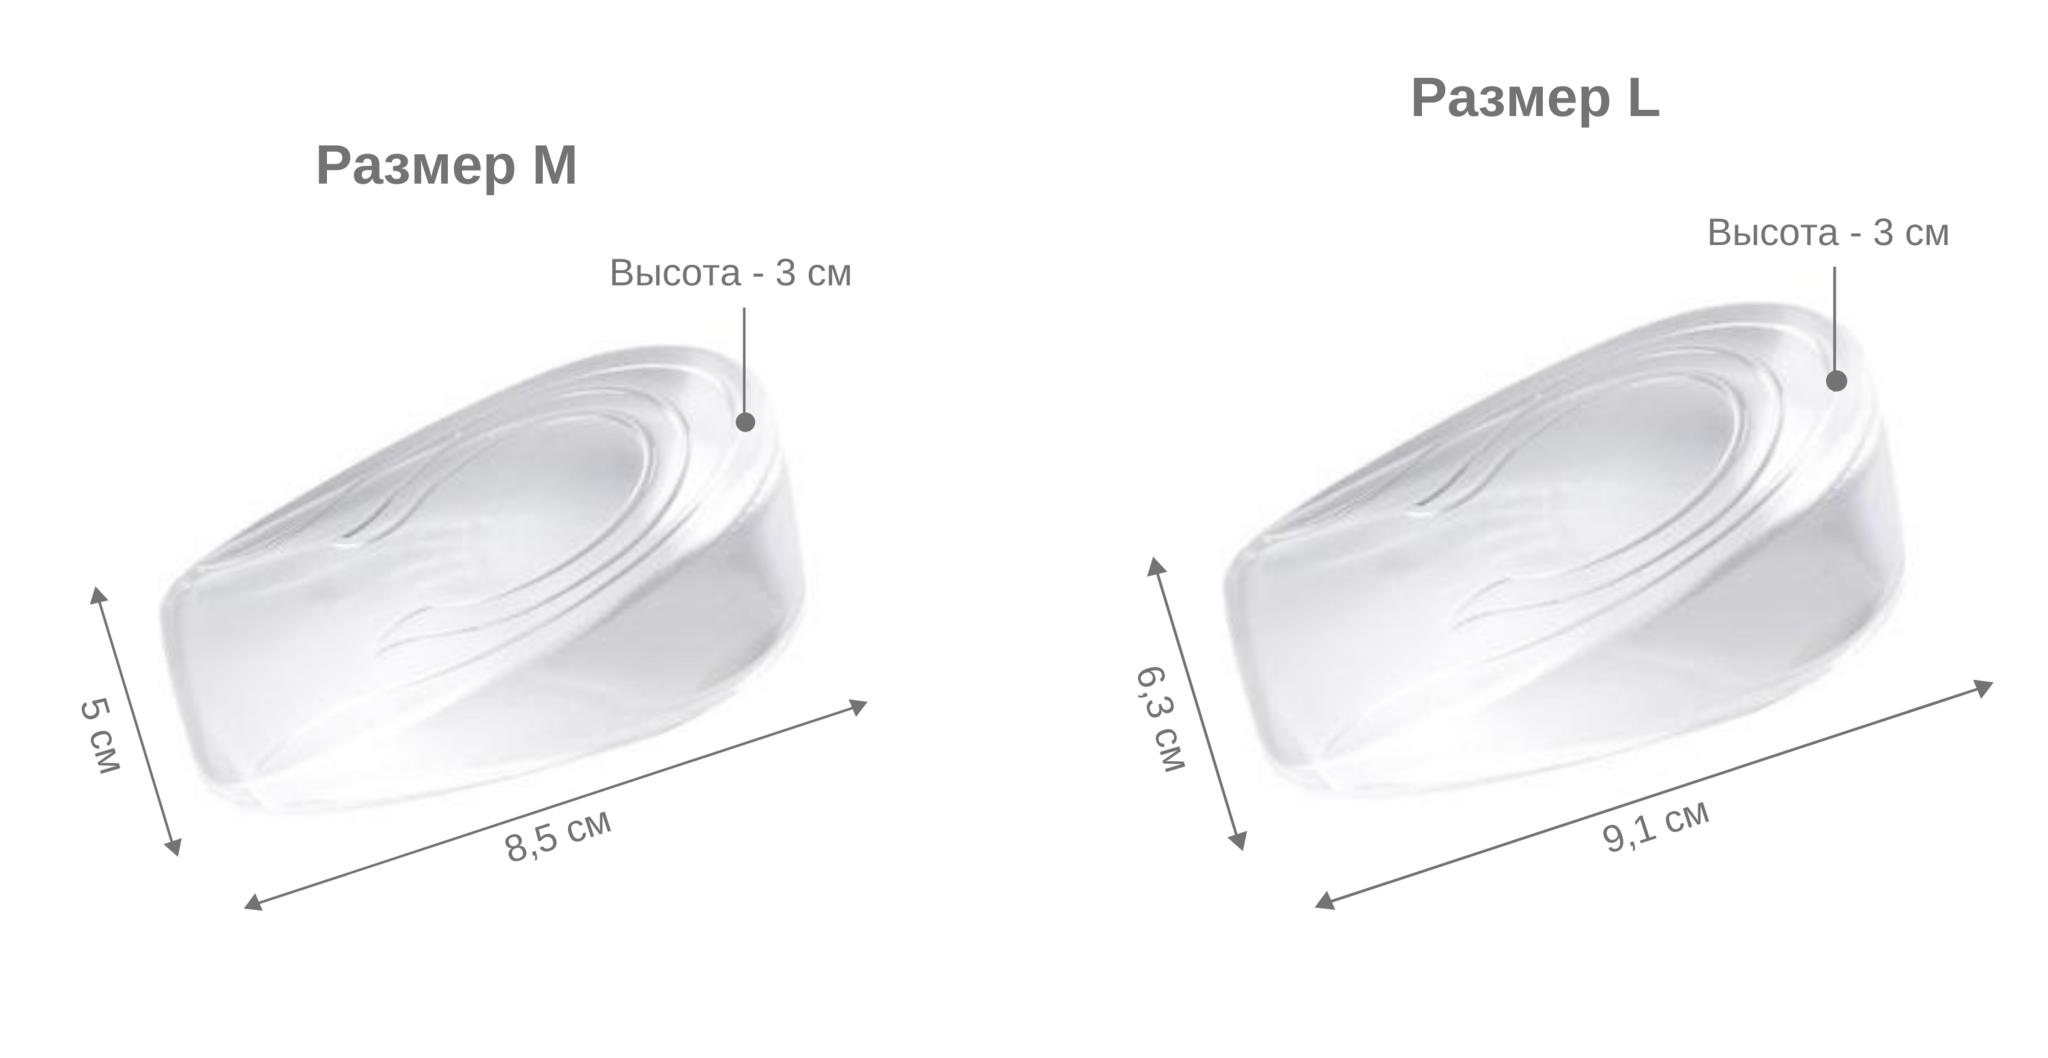 Упругие амортизирующие подпяточники «+ 3 см» из полупрозрачного силикона